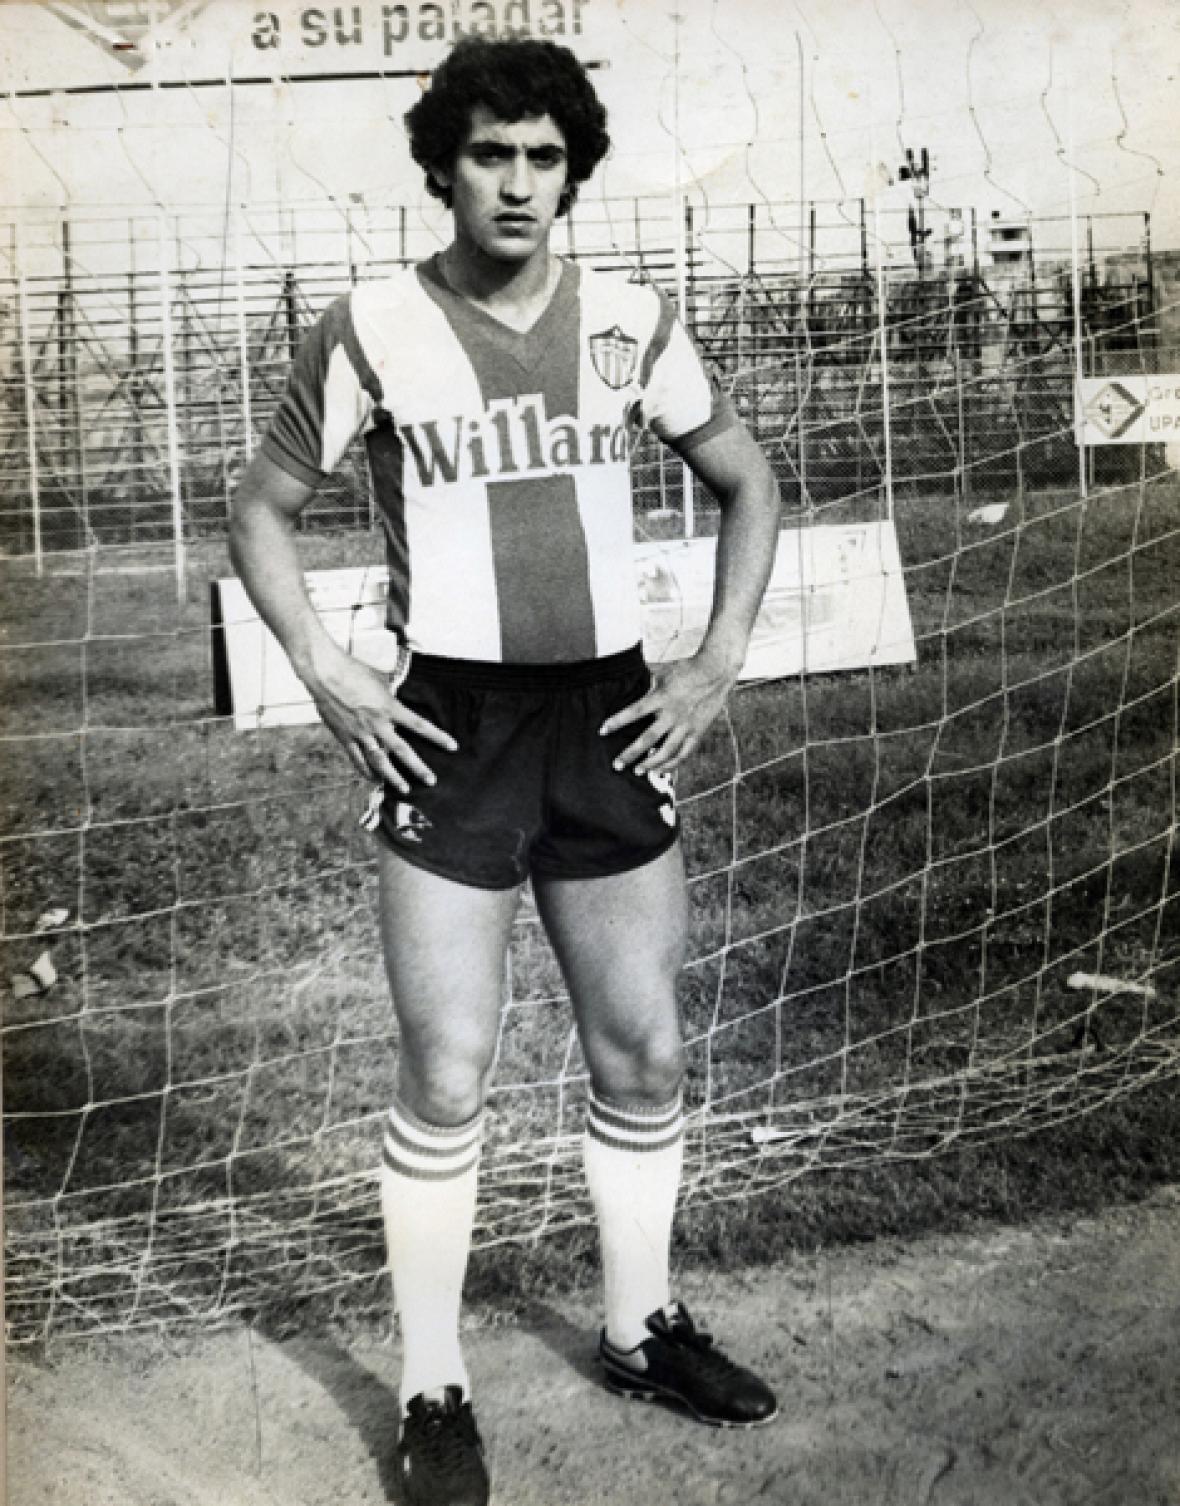 El exmediocampista uruguayo Ricardo 'Tito' Viera en su época como jugador del Junior de Barranquilla.